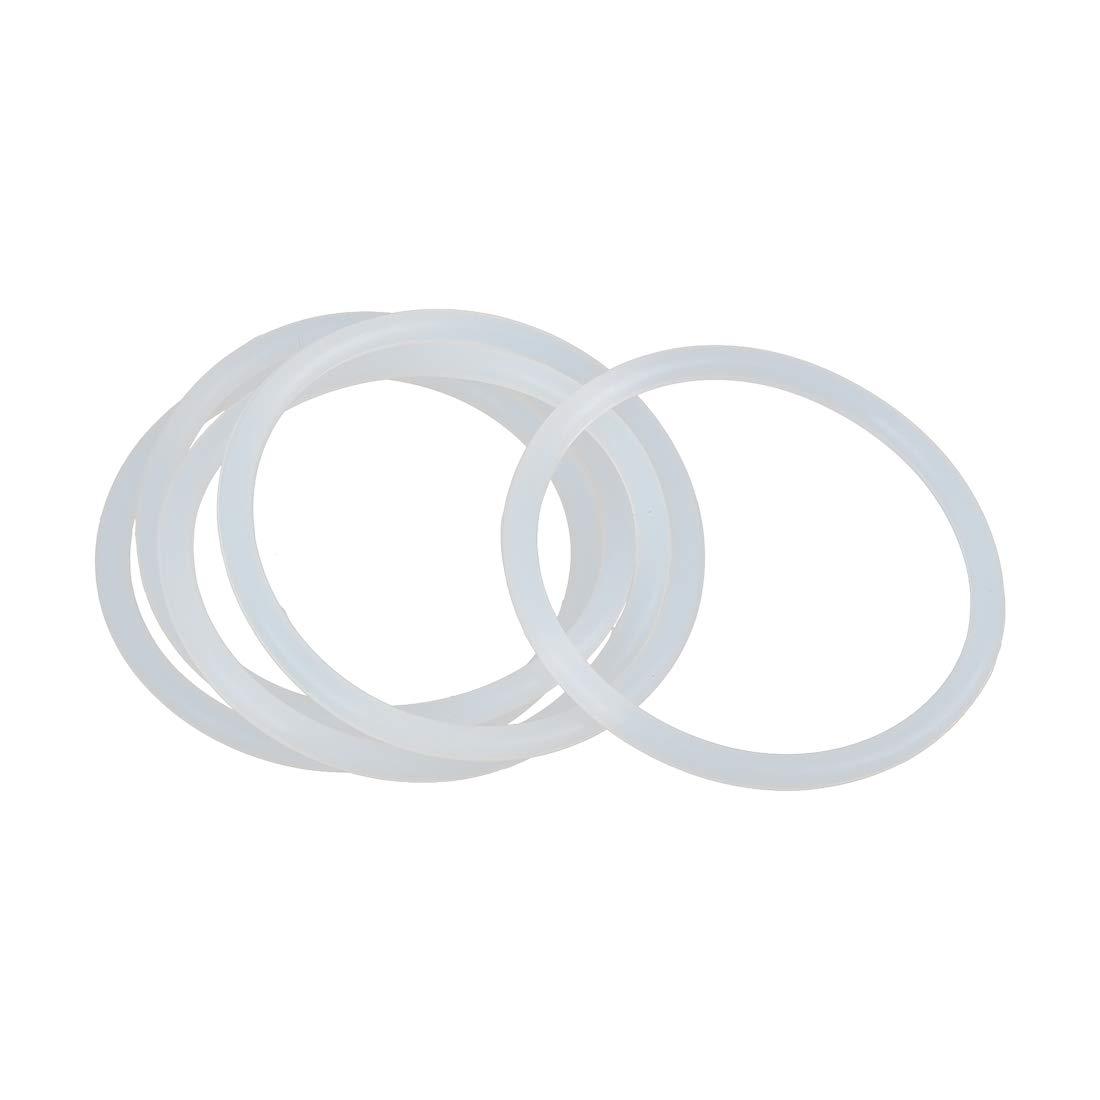 sourcing map 40 STK O-Ring VMQ Dichtungsscheiben Silikon Gummi 30mm x 4mm Braun f/ür Auto